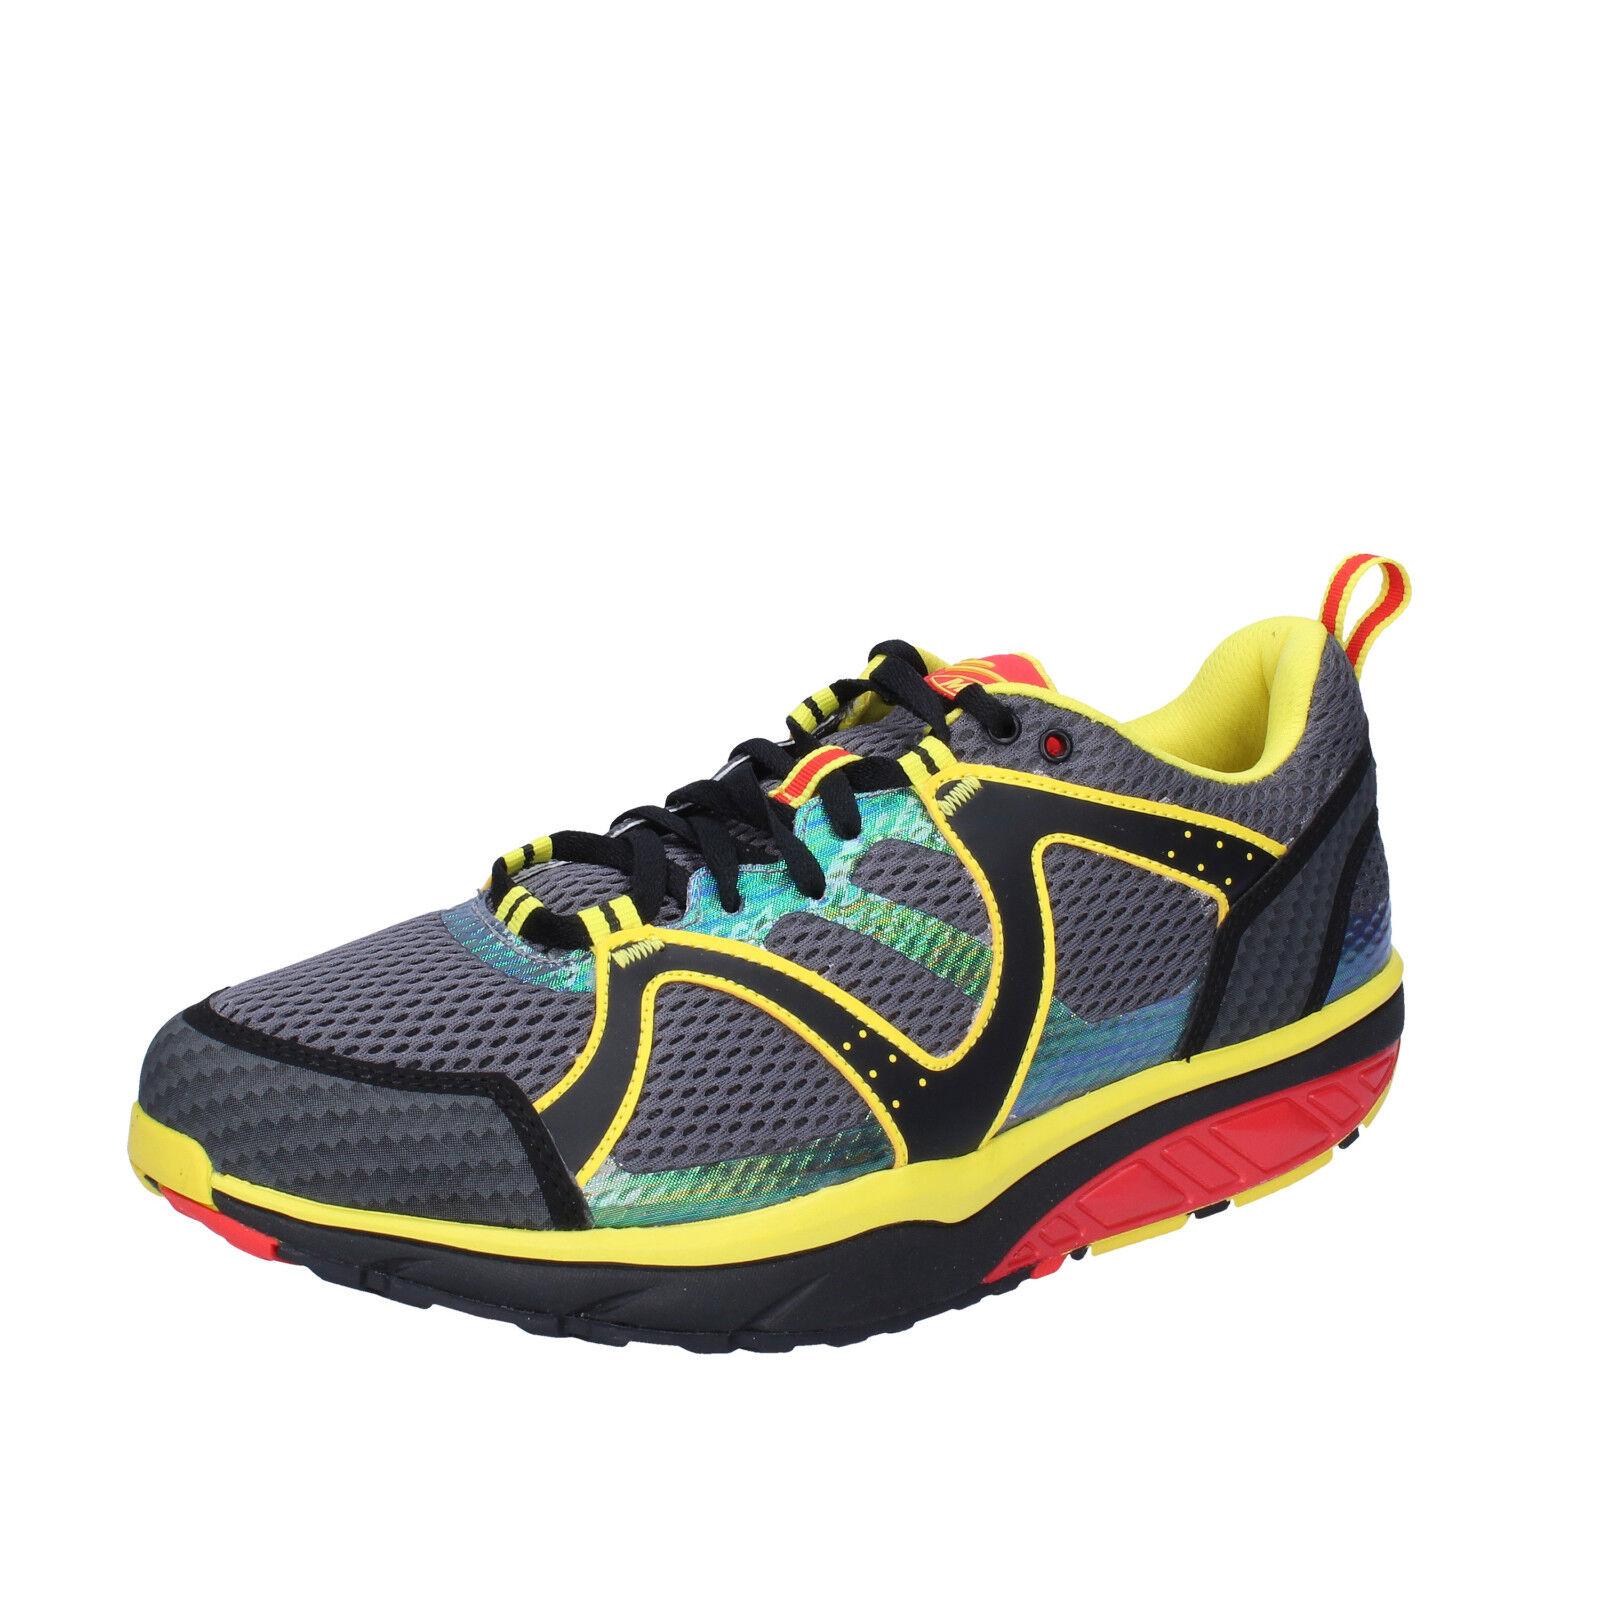 Mens shoes MBT 7 () sneakers grey multicolor textile dynamic BX892-41